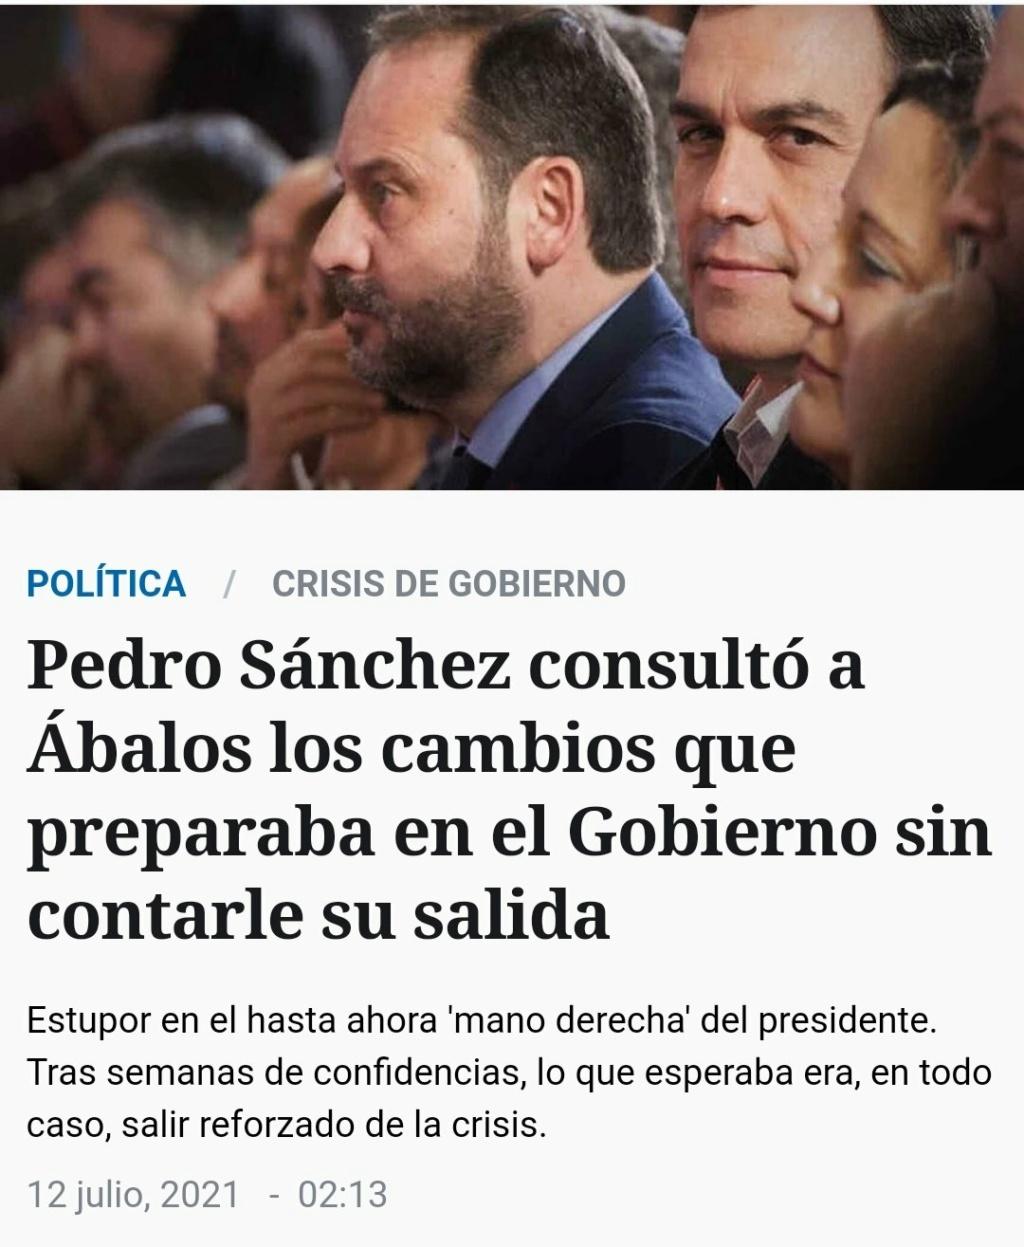 Fundación ideas y grupo PRISA, Pedro Sánchez Susana Díaz & Co, el topic del PSOE - Página 19 20210714